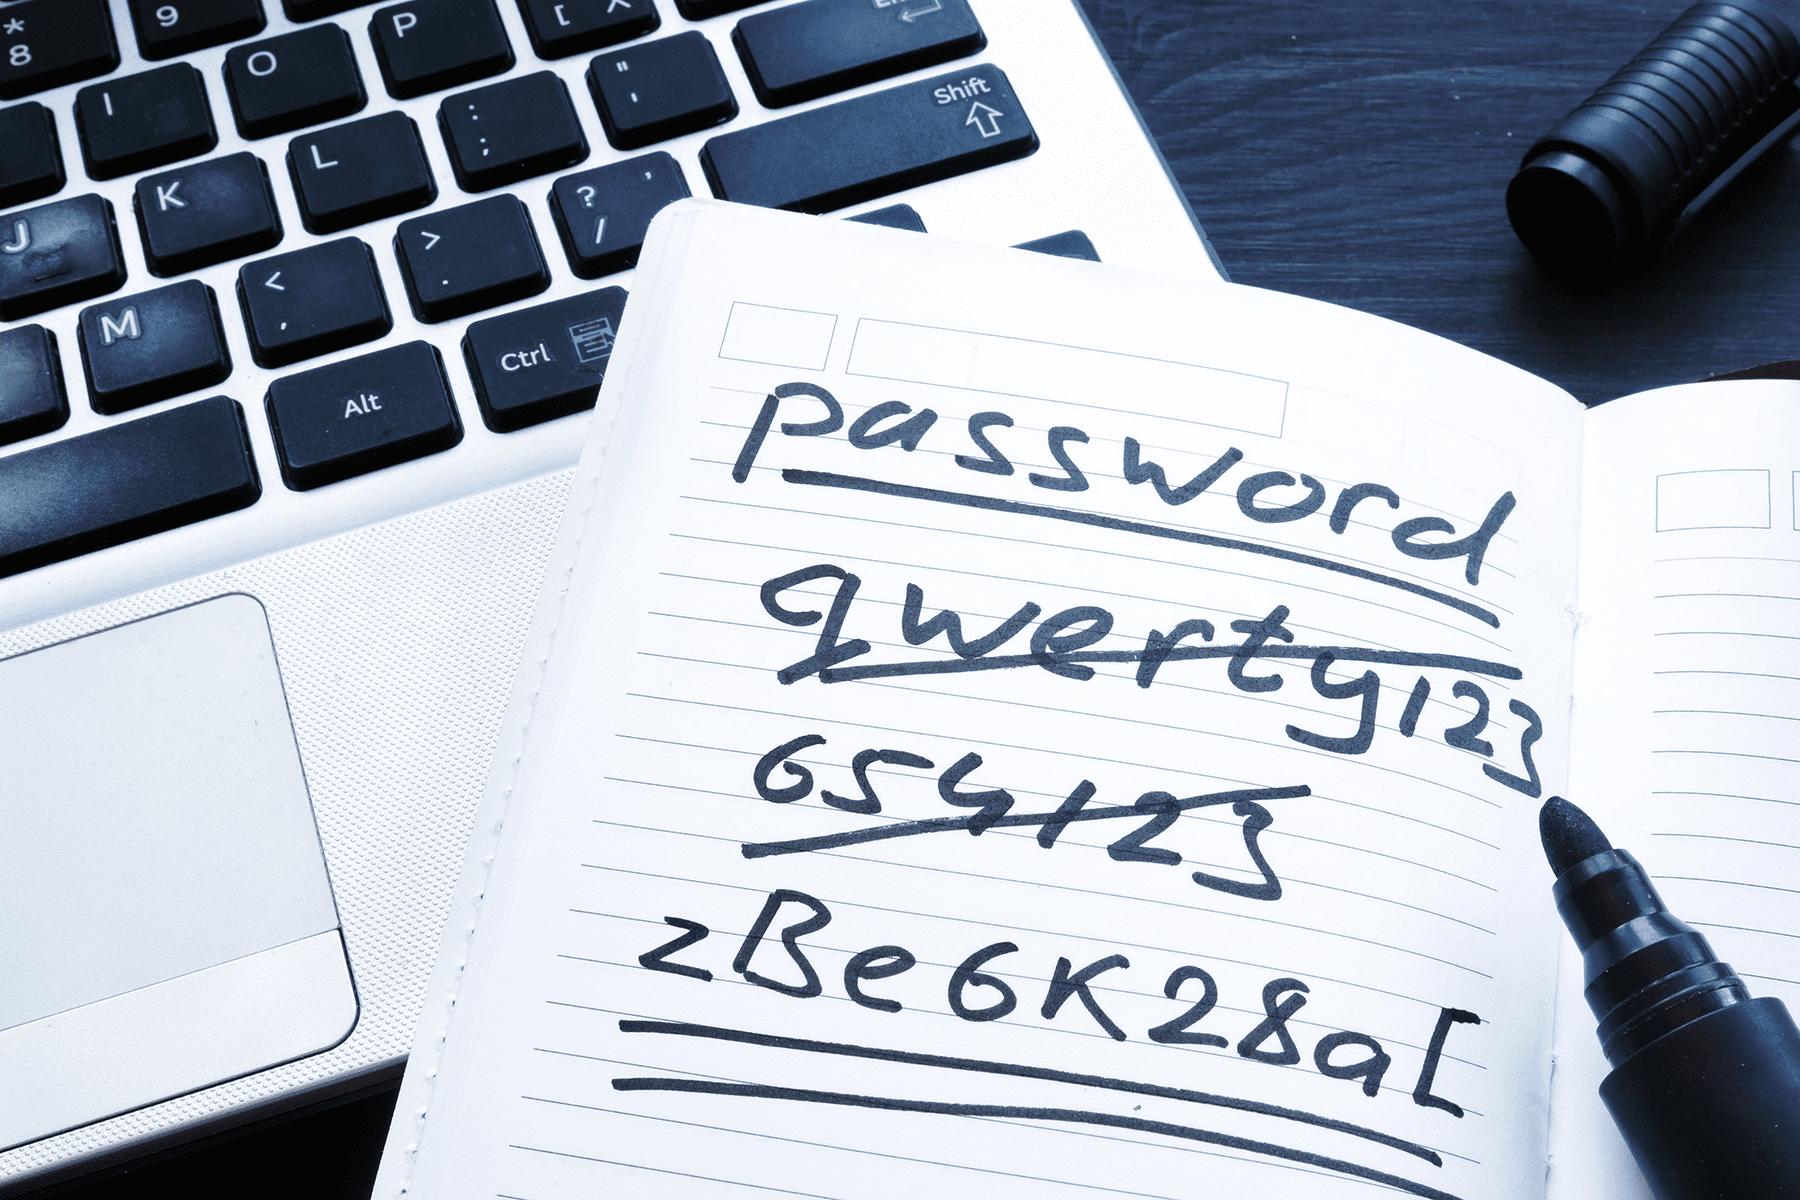 Voici la liste des mots de passe les moins sécurisés